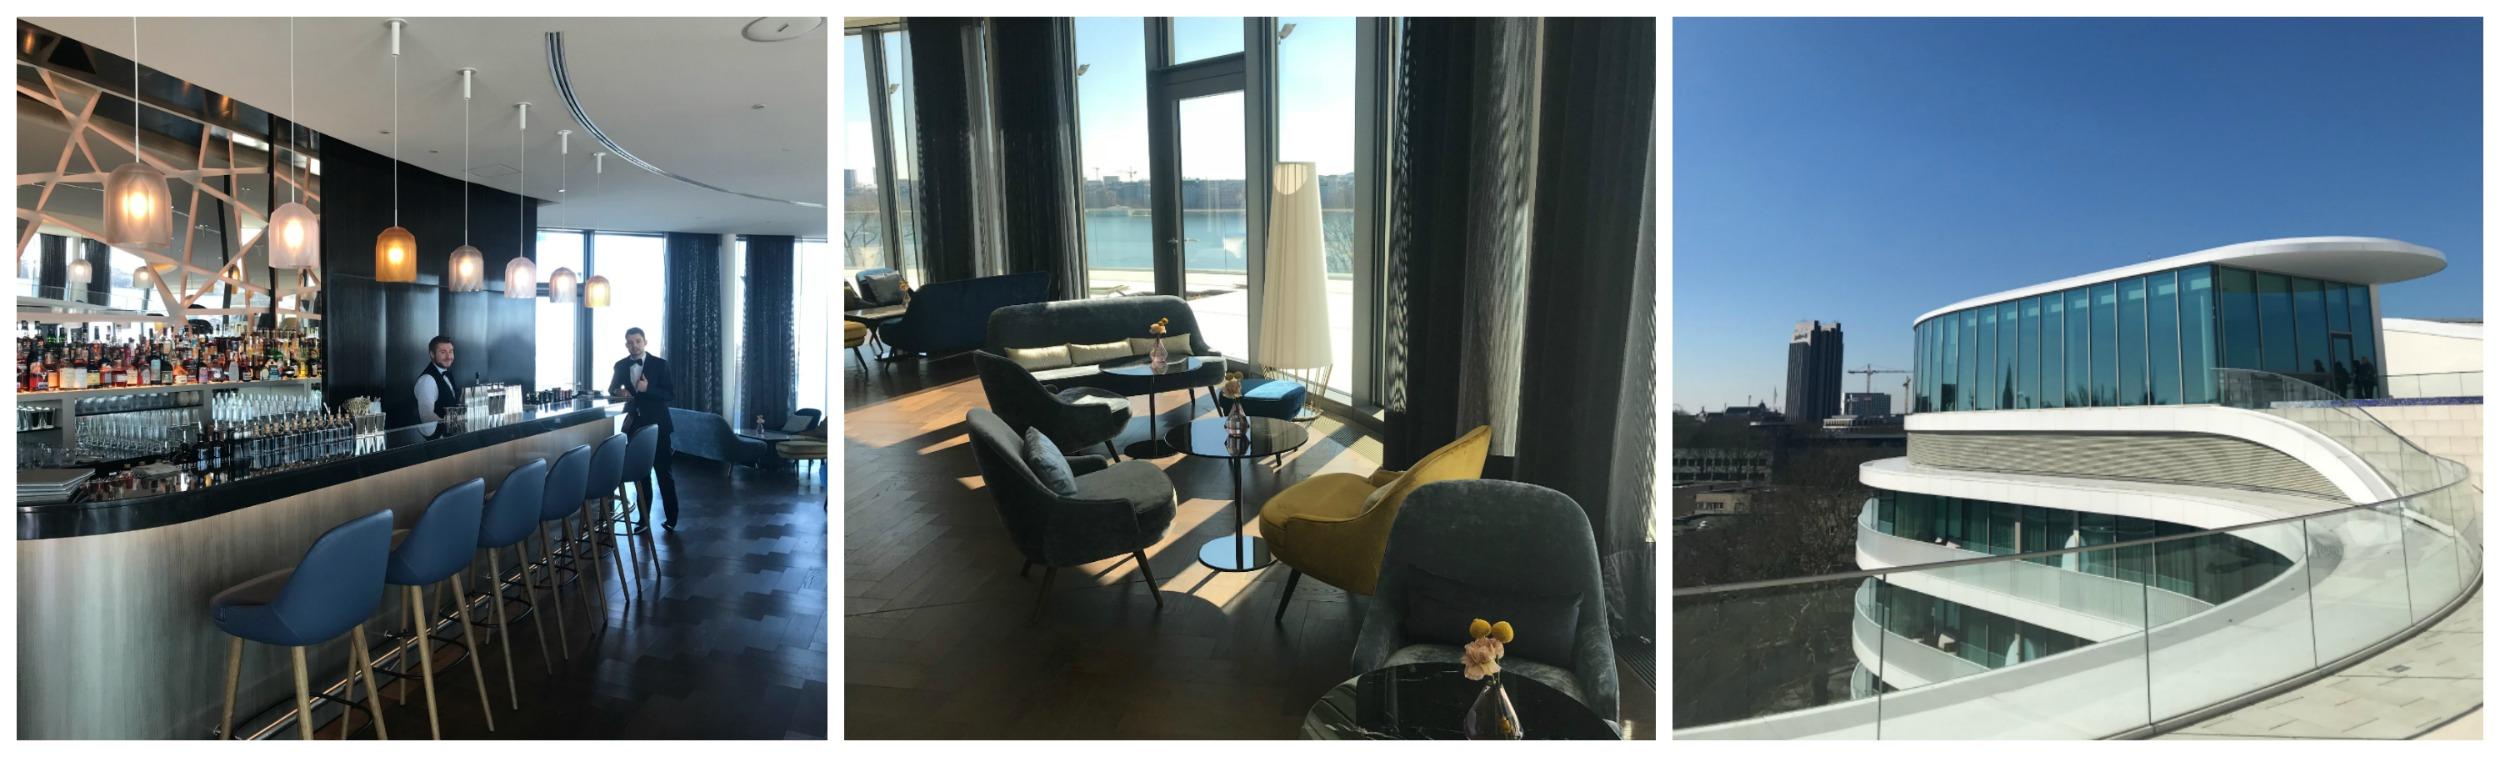 Spektakulär, Die Fontenay Bar Im Siebten Stock, über Dem  Gourmet Restaurant, Mit 320 Grad Alster Rundblick Und Einer 500 M² Großen  Bar Terrasse.